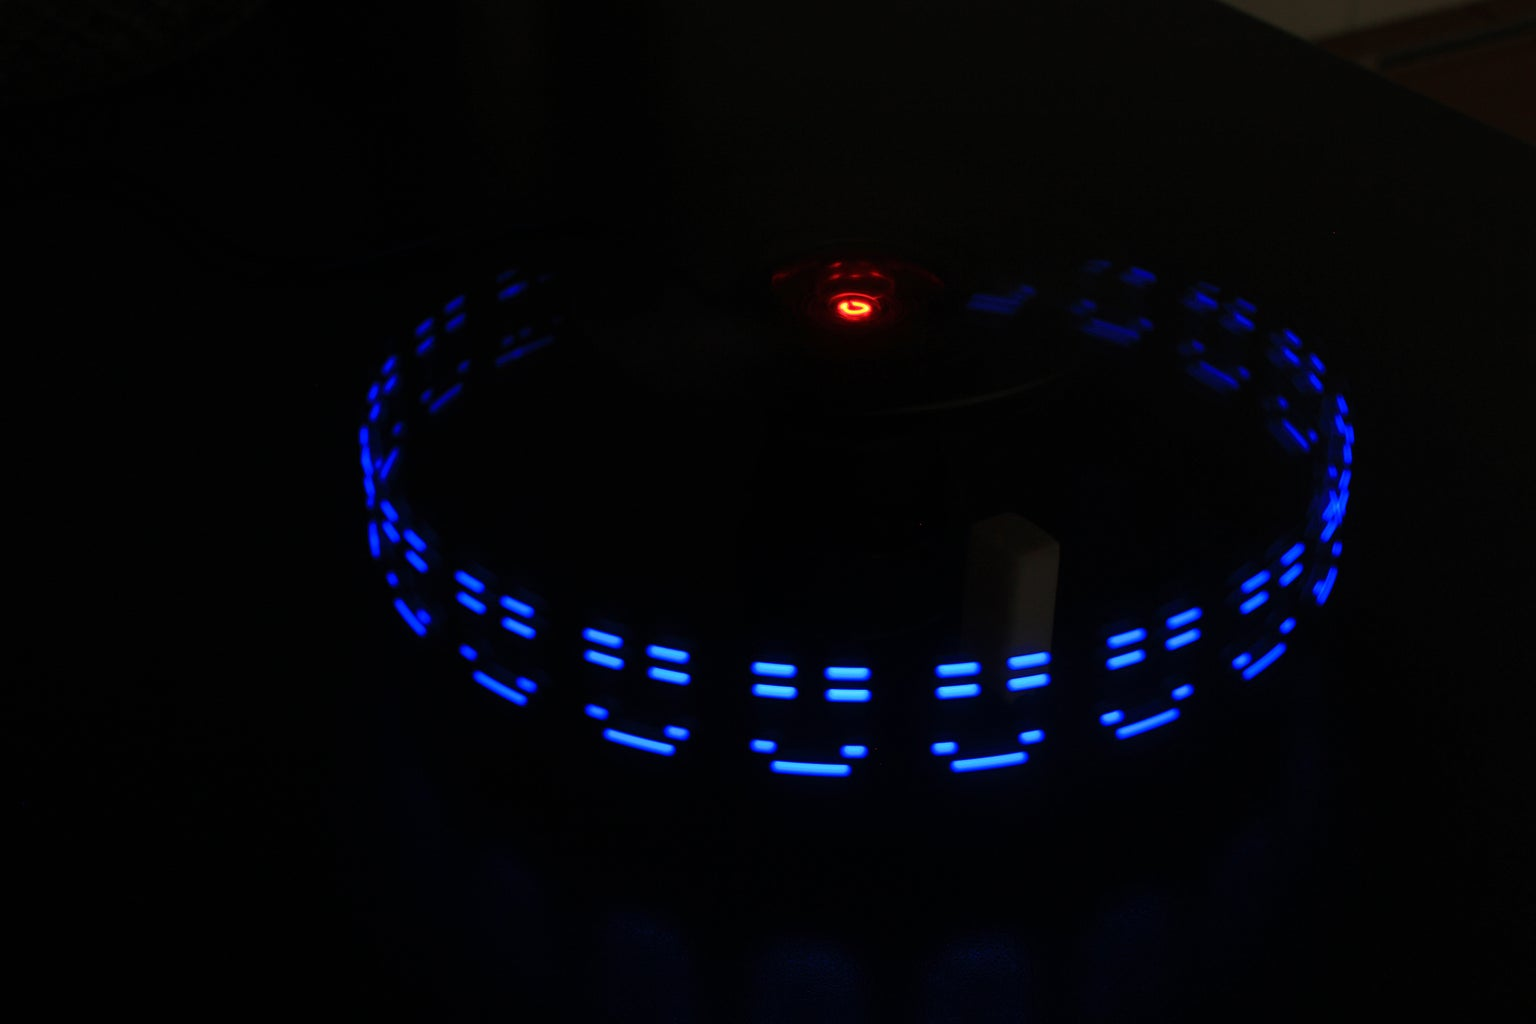 POV Demo #3 - Arduino Program Code